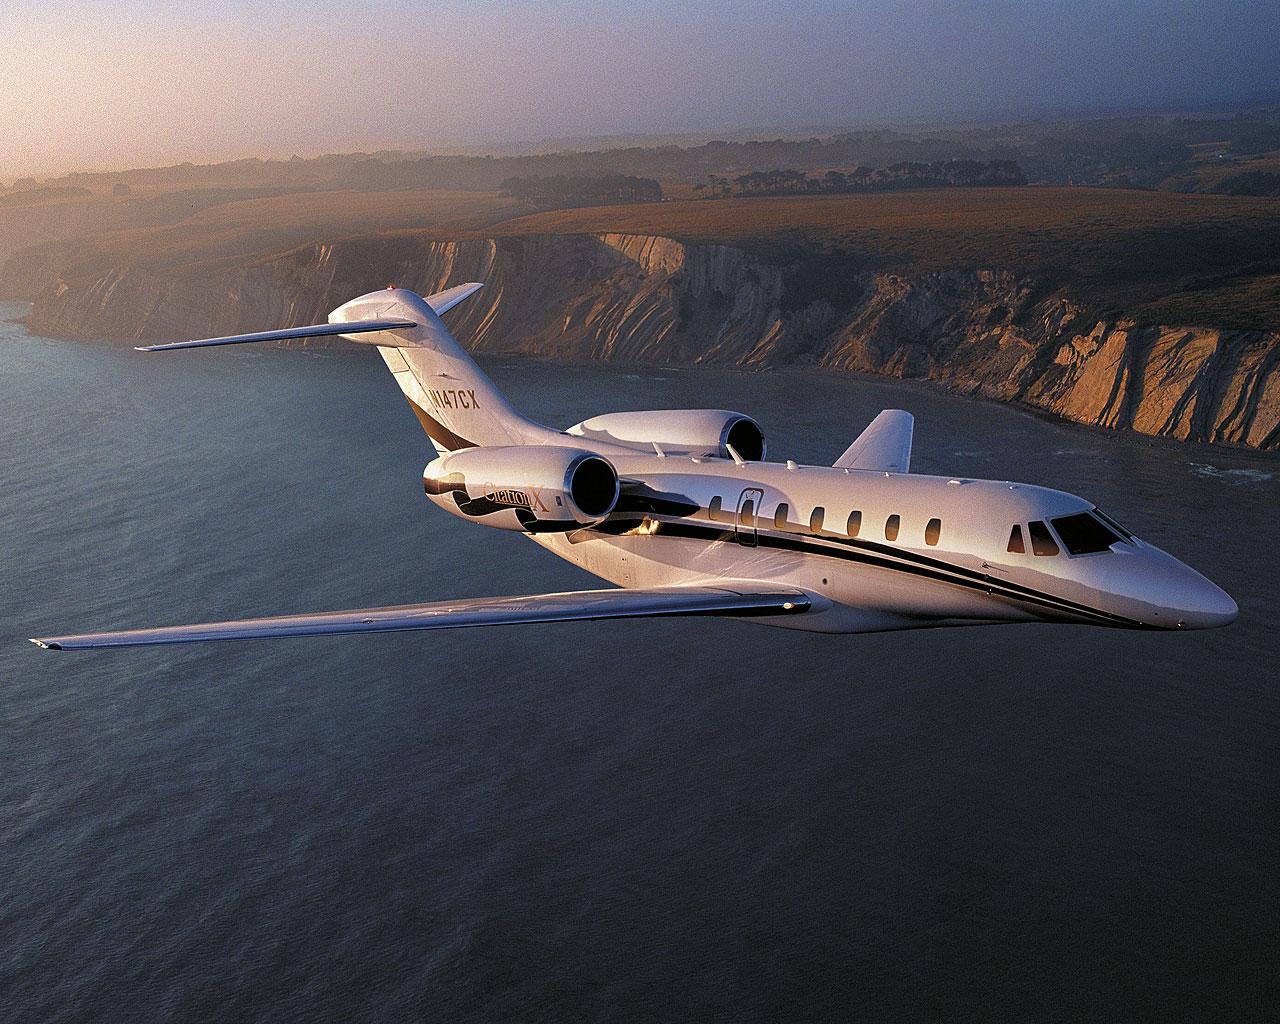 Cessna Citation X Starjets